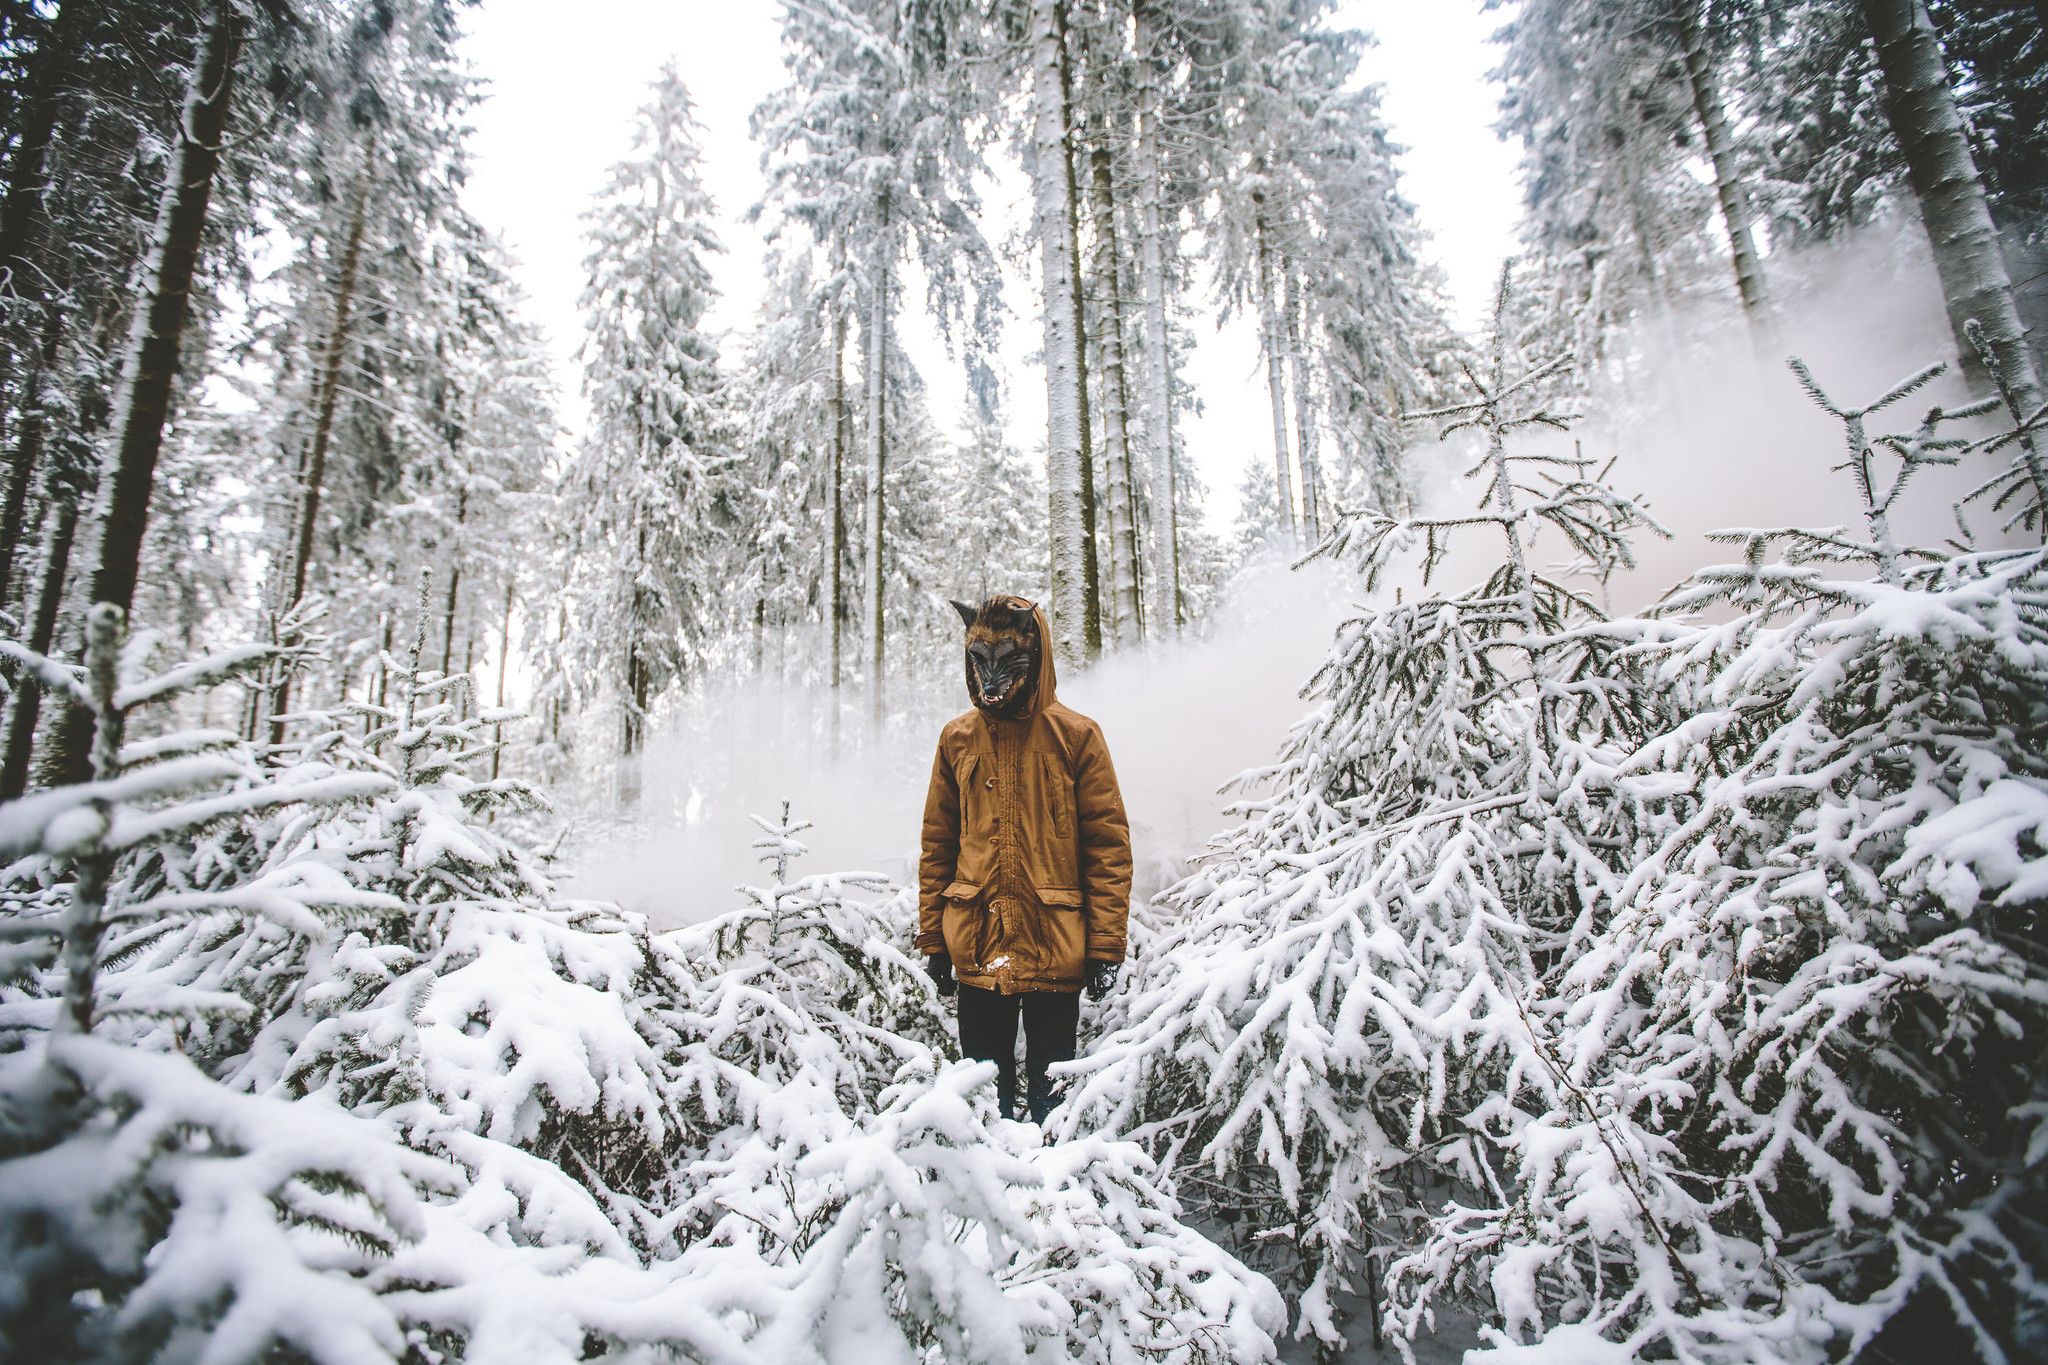 фото мужчина зимой в лесу этих